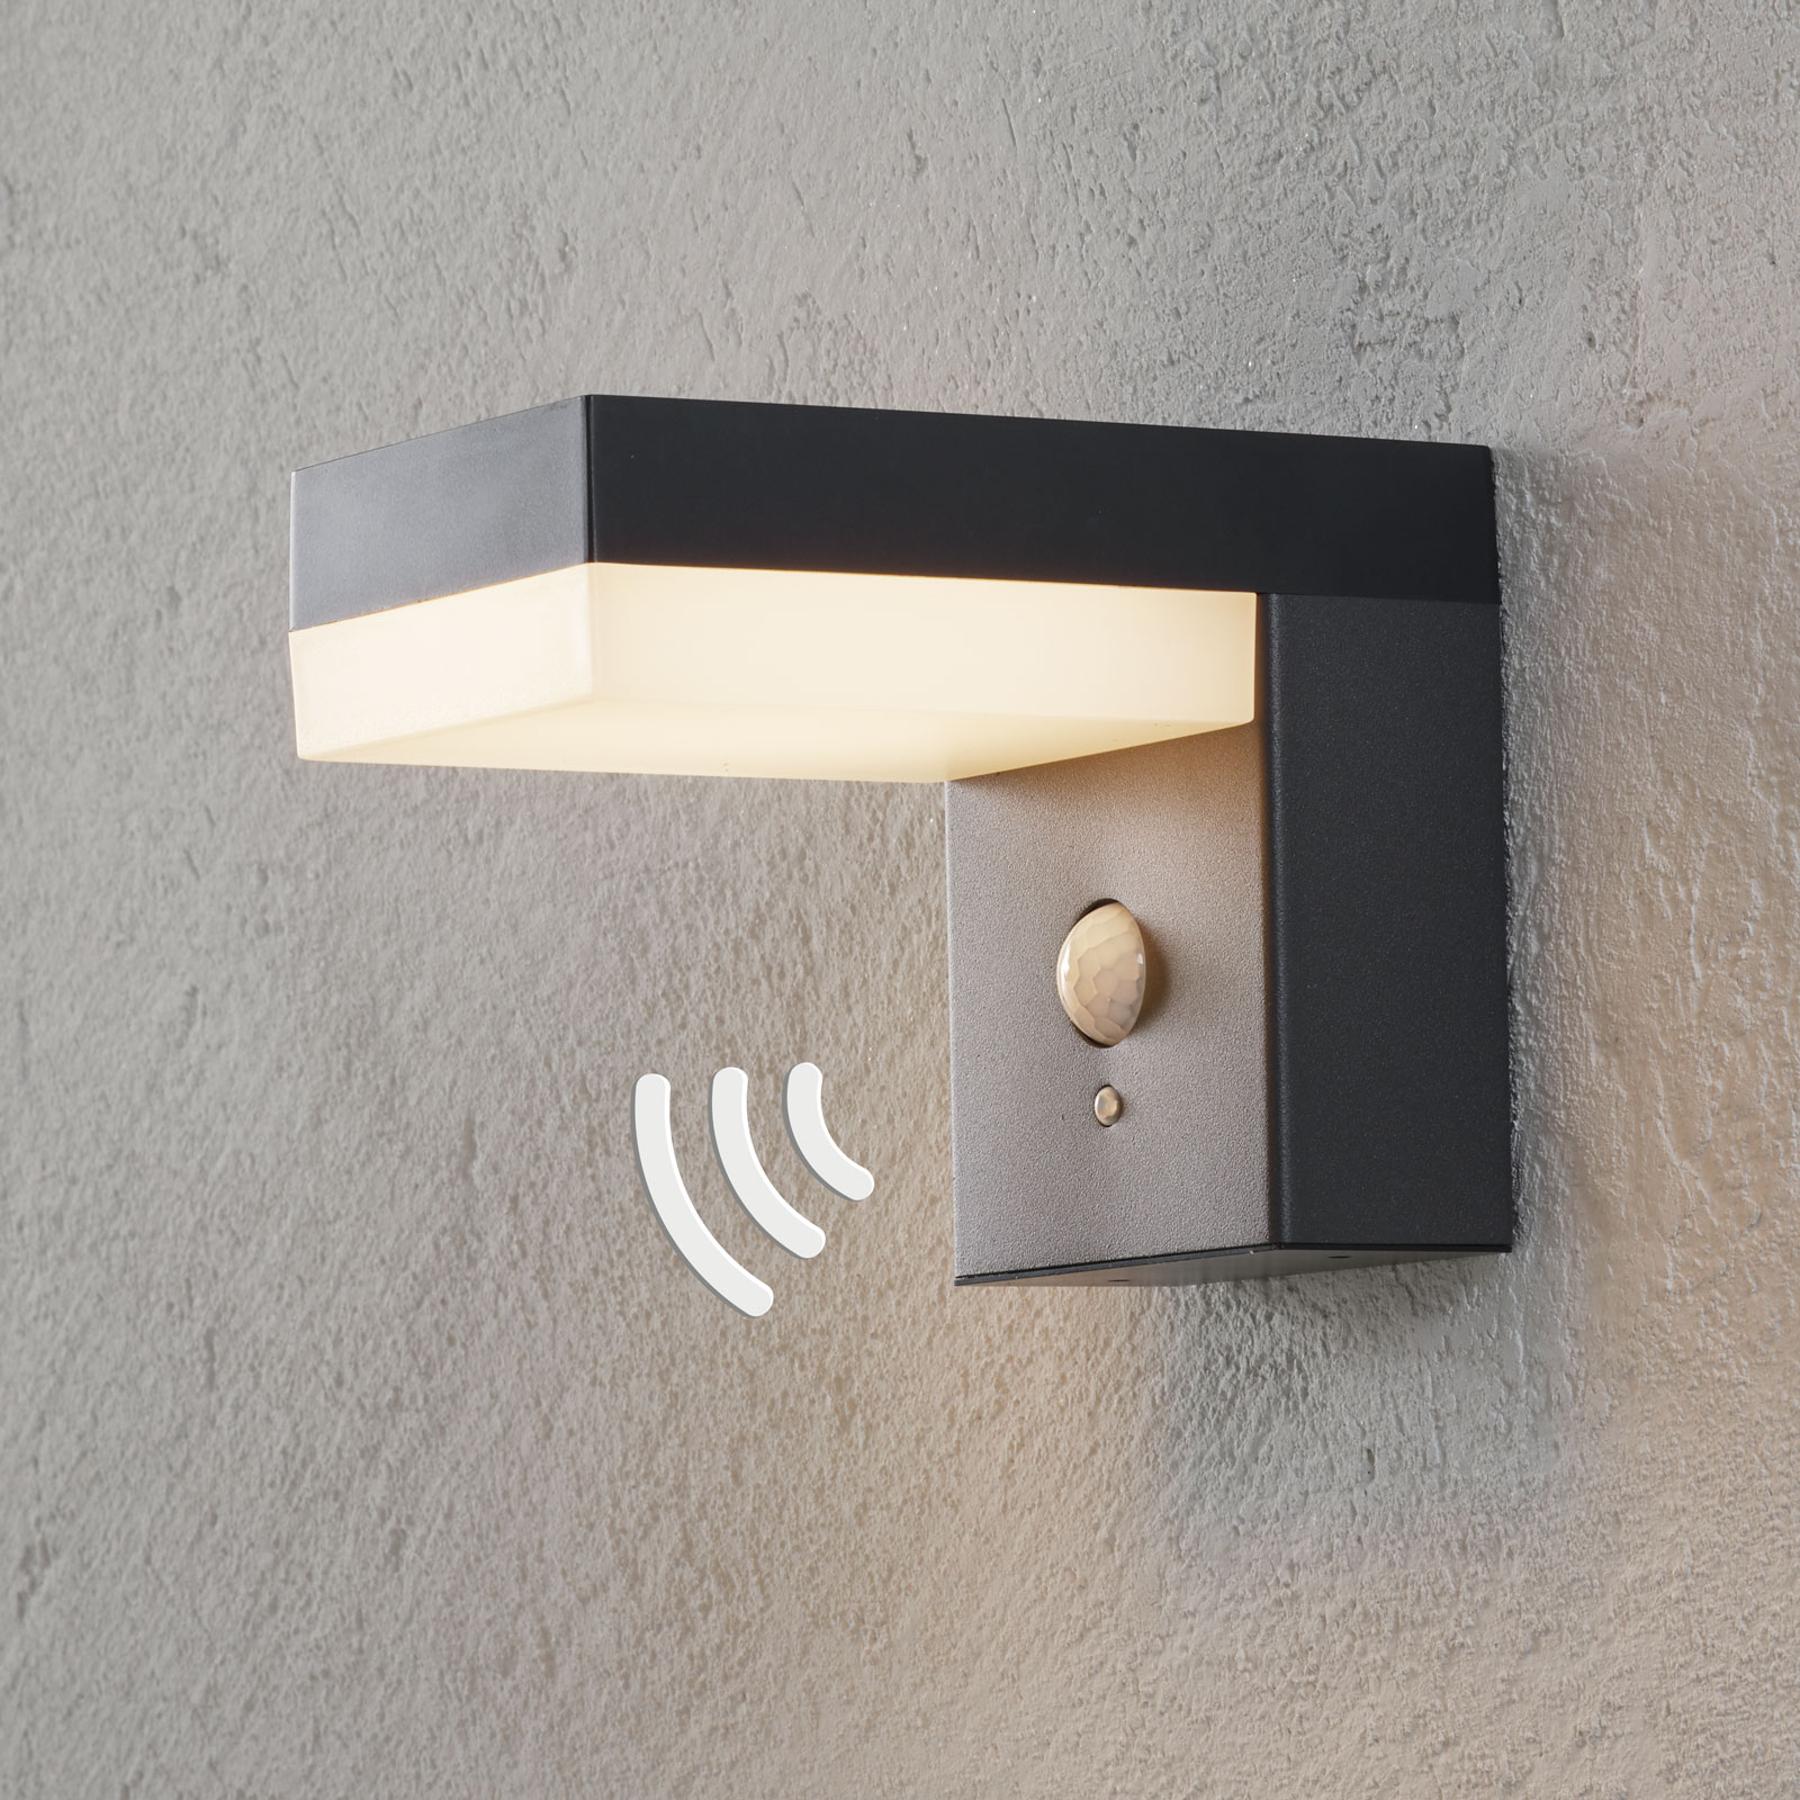 Aurinkokäyttöinen LED-seinävalaisin Chioma sensori